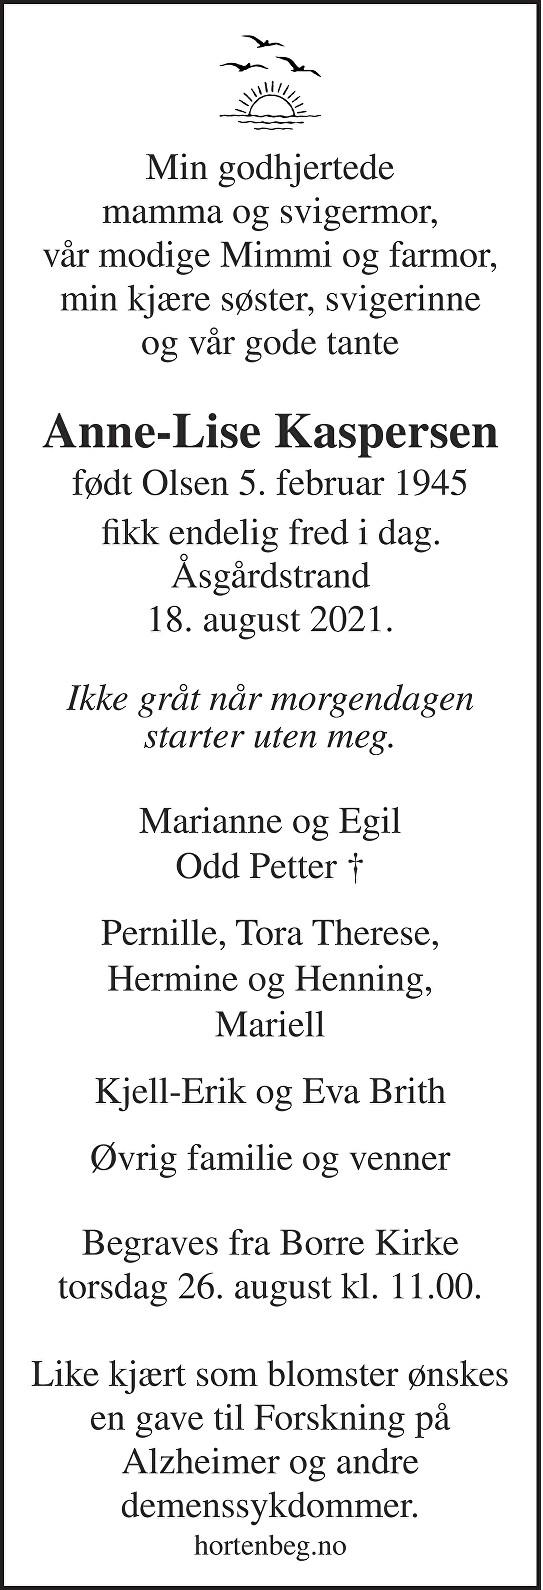 Anne-Lise Kaspersen Dødsannonse